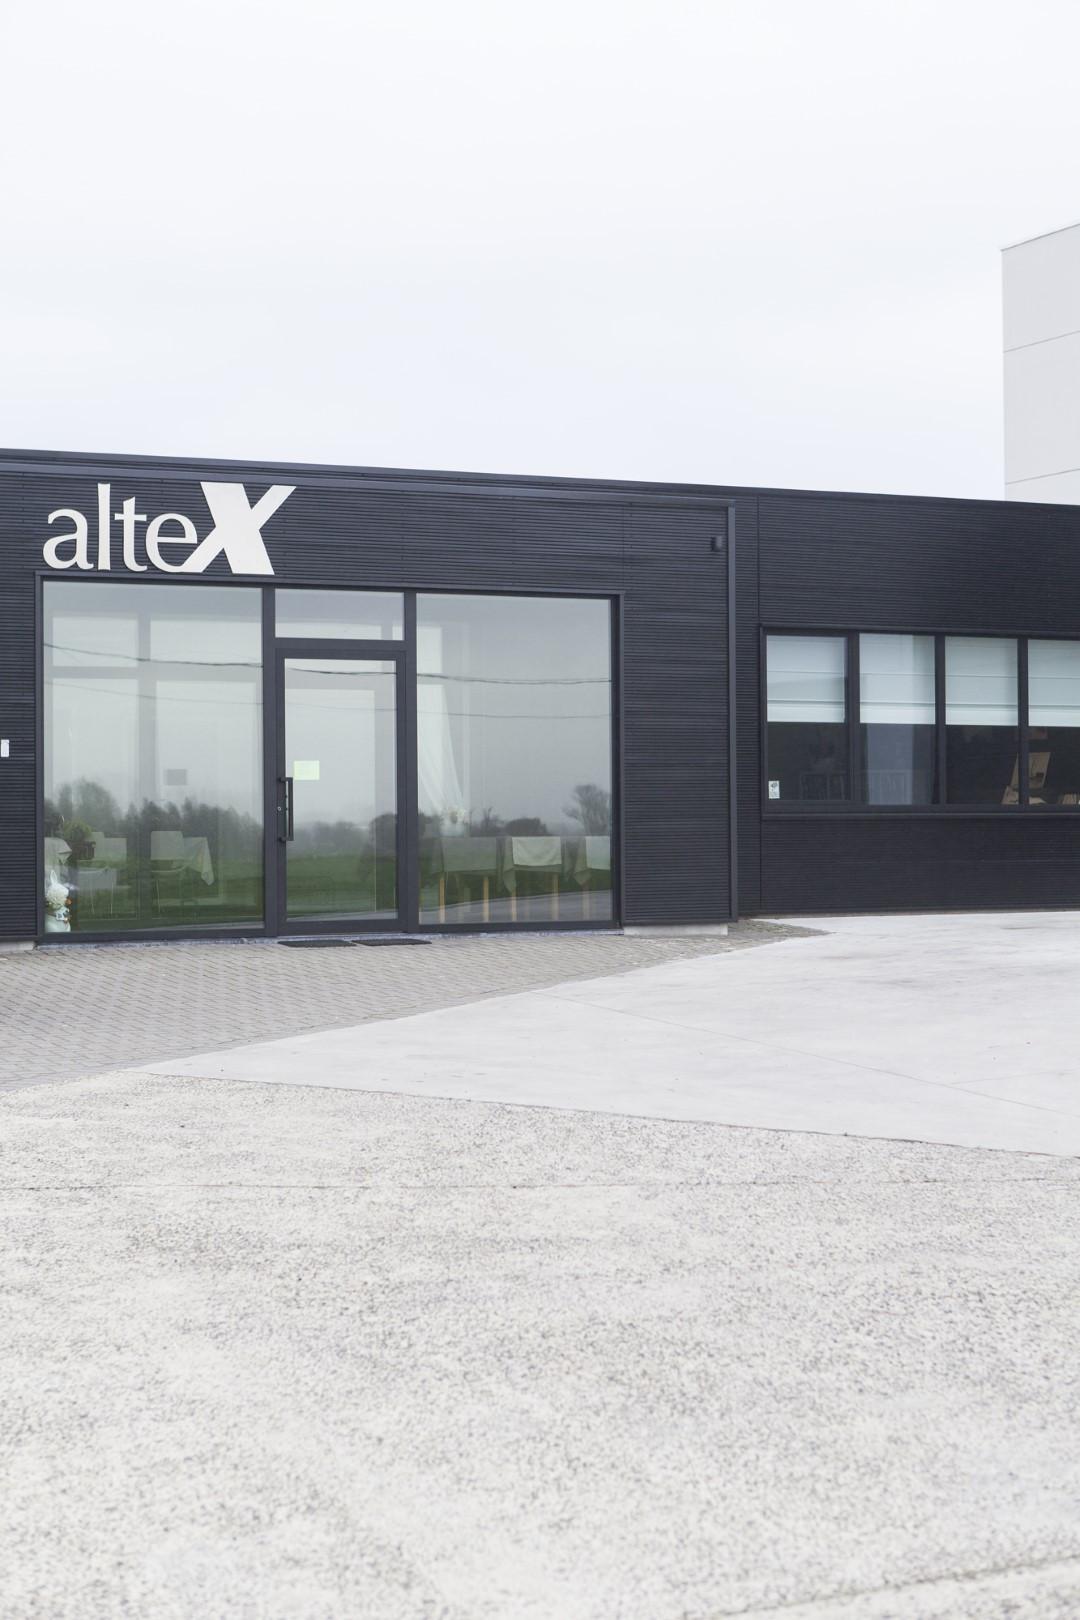 Altex_Sint Eloois Winkel_industriegebouw_werkplaats_atelier_toonzaal_burelen_woning (7).jpg